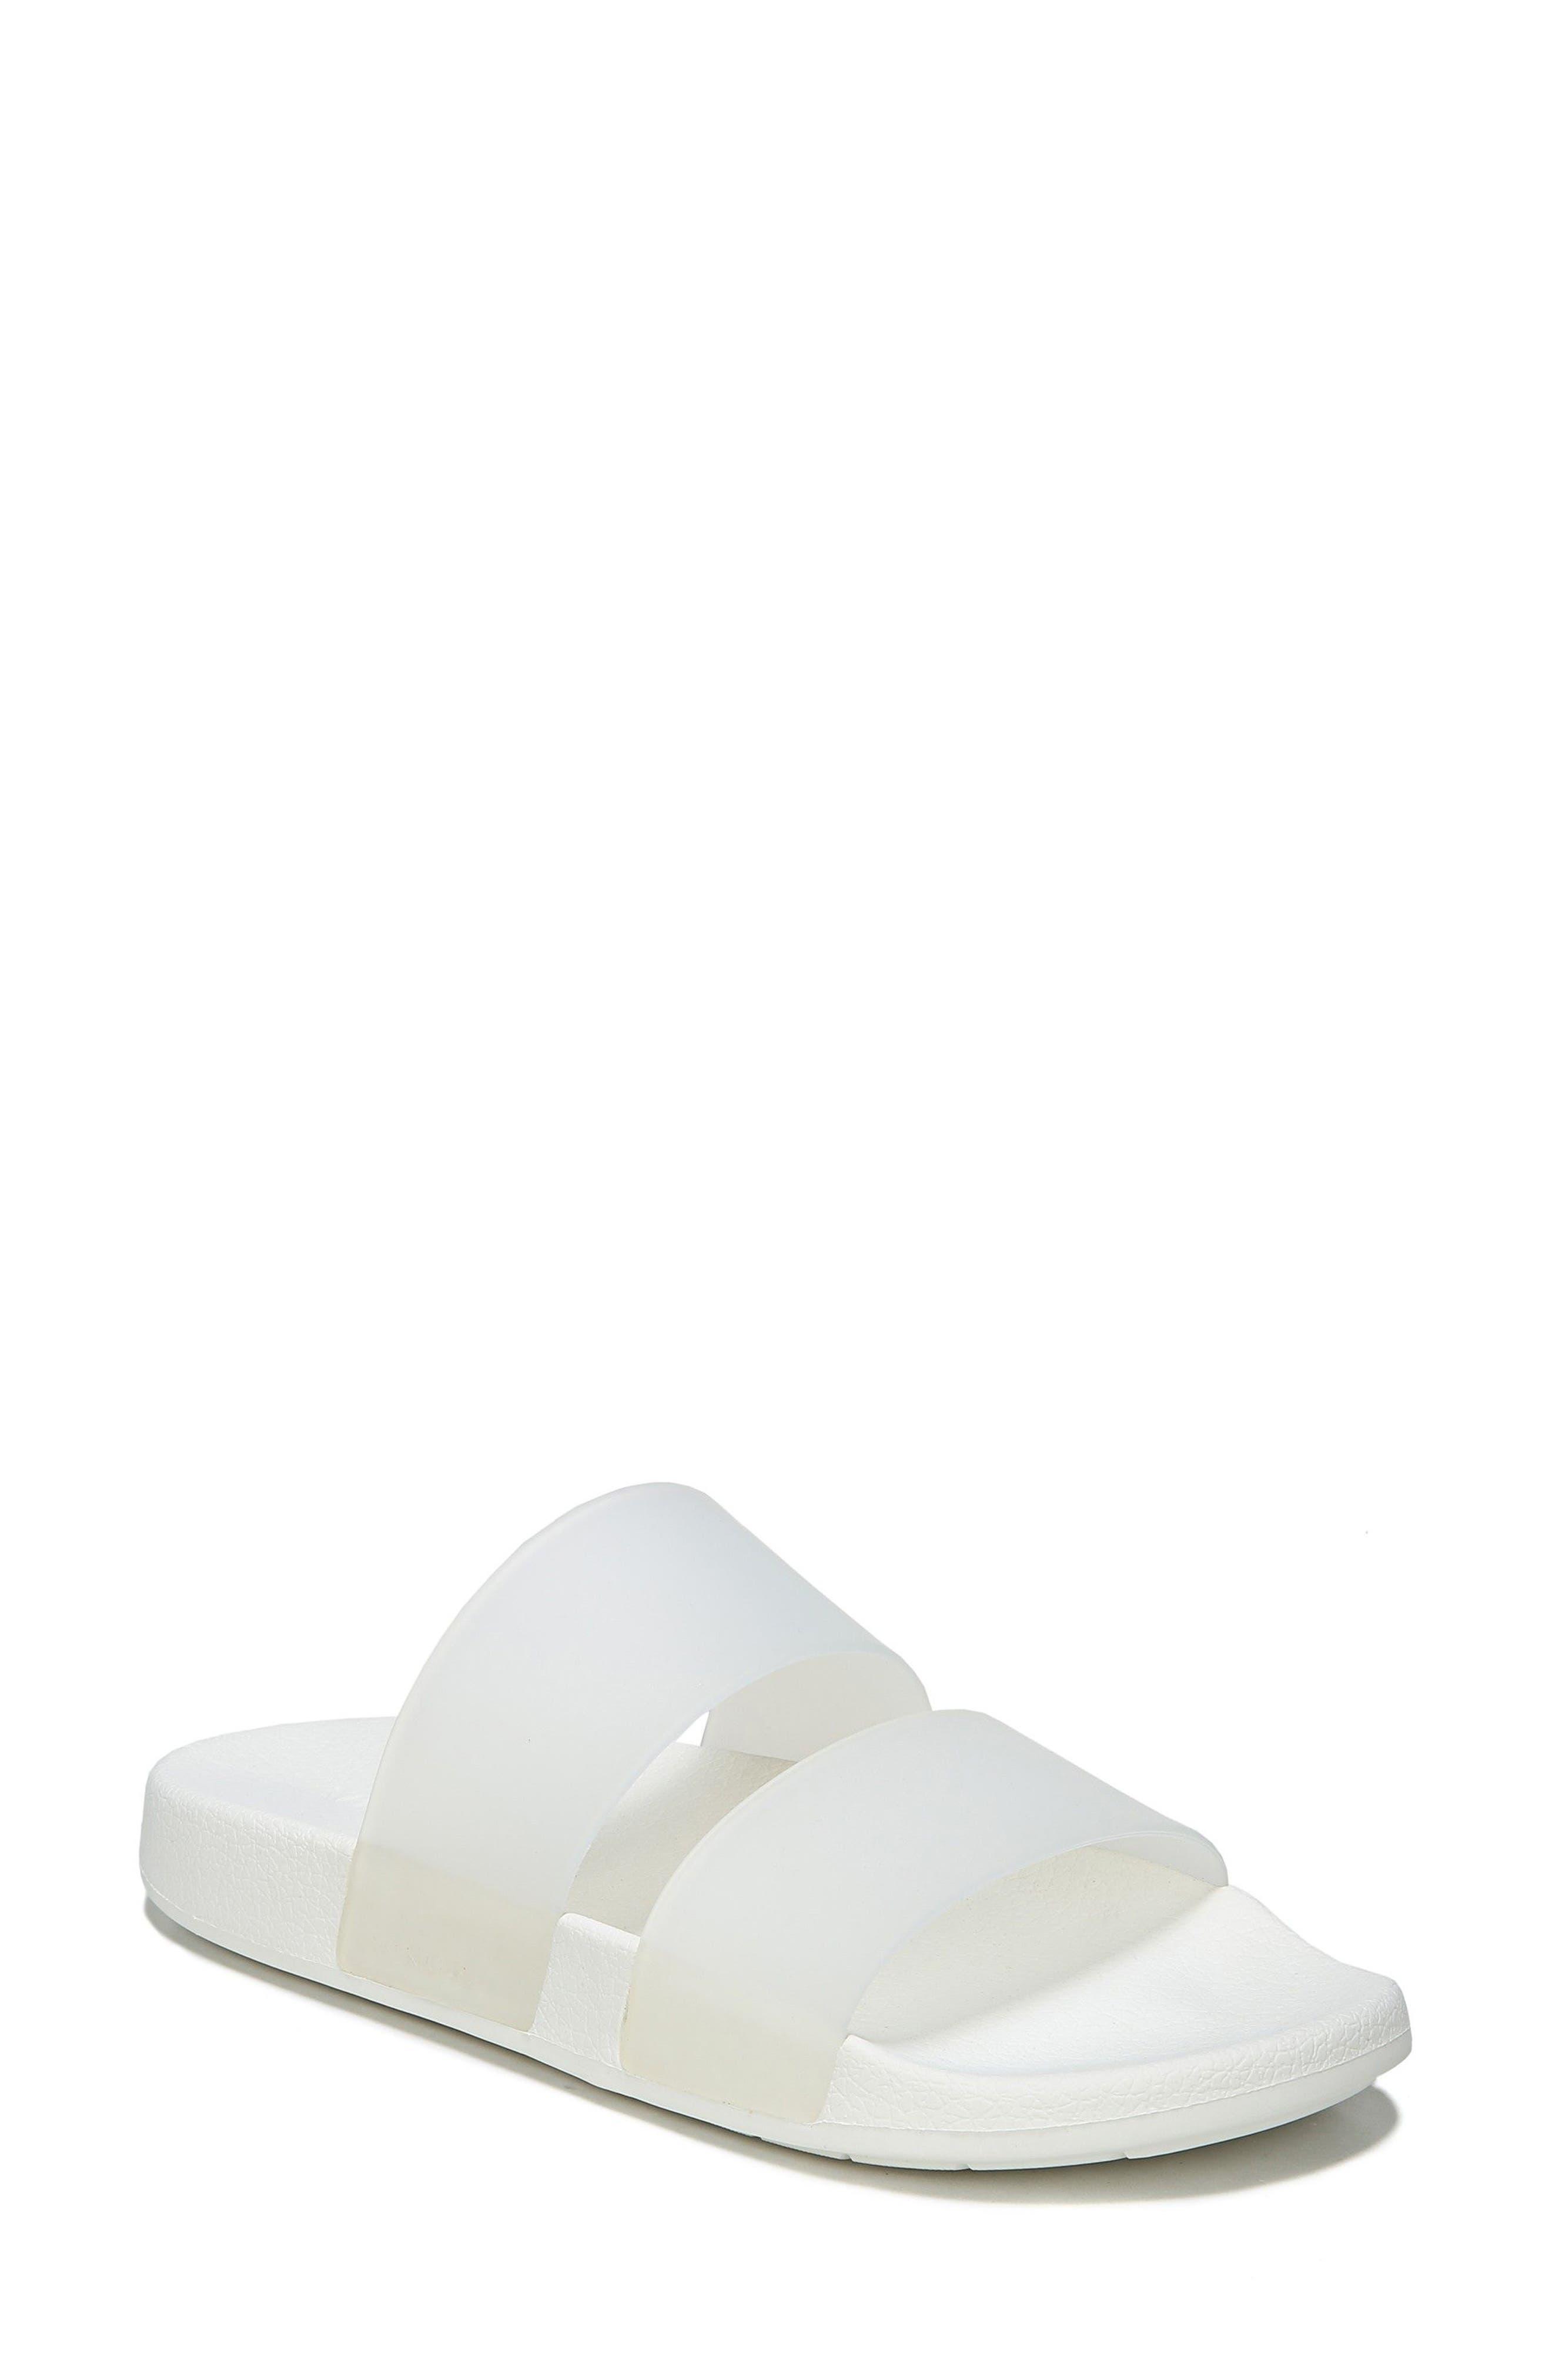 Wynne Slide Sandal,                             Main thumbnail 3, color,